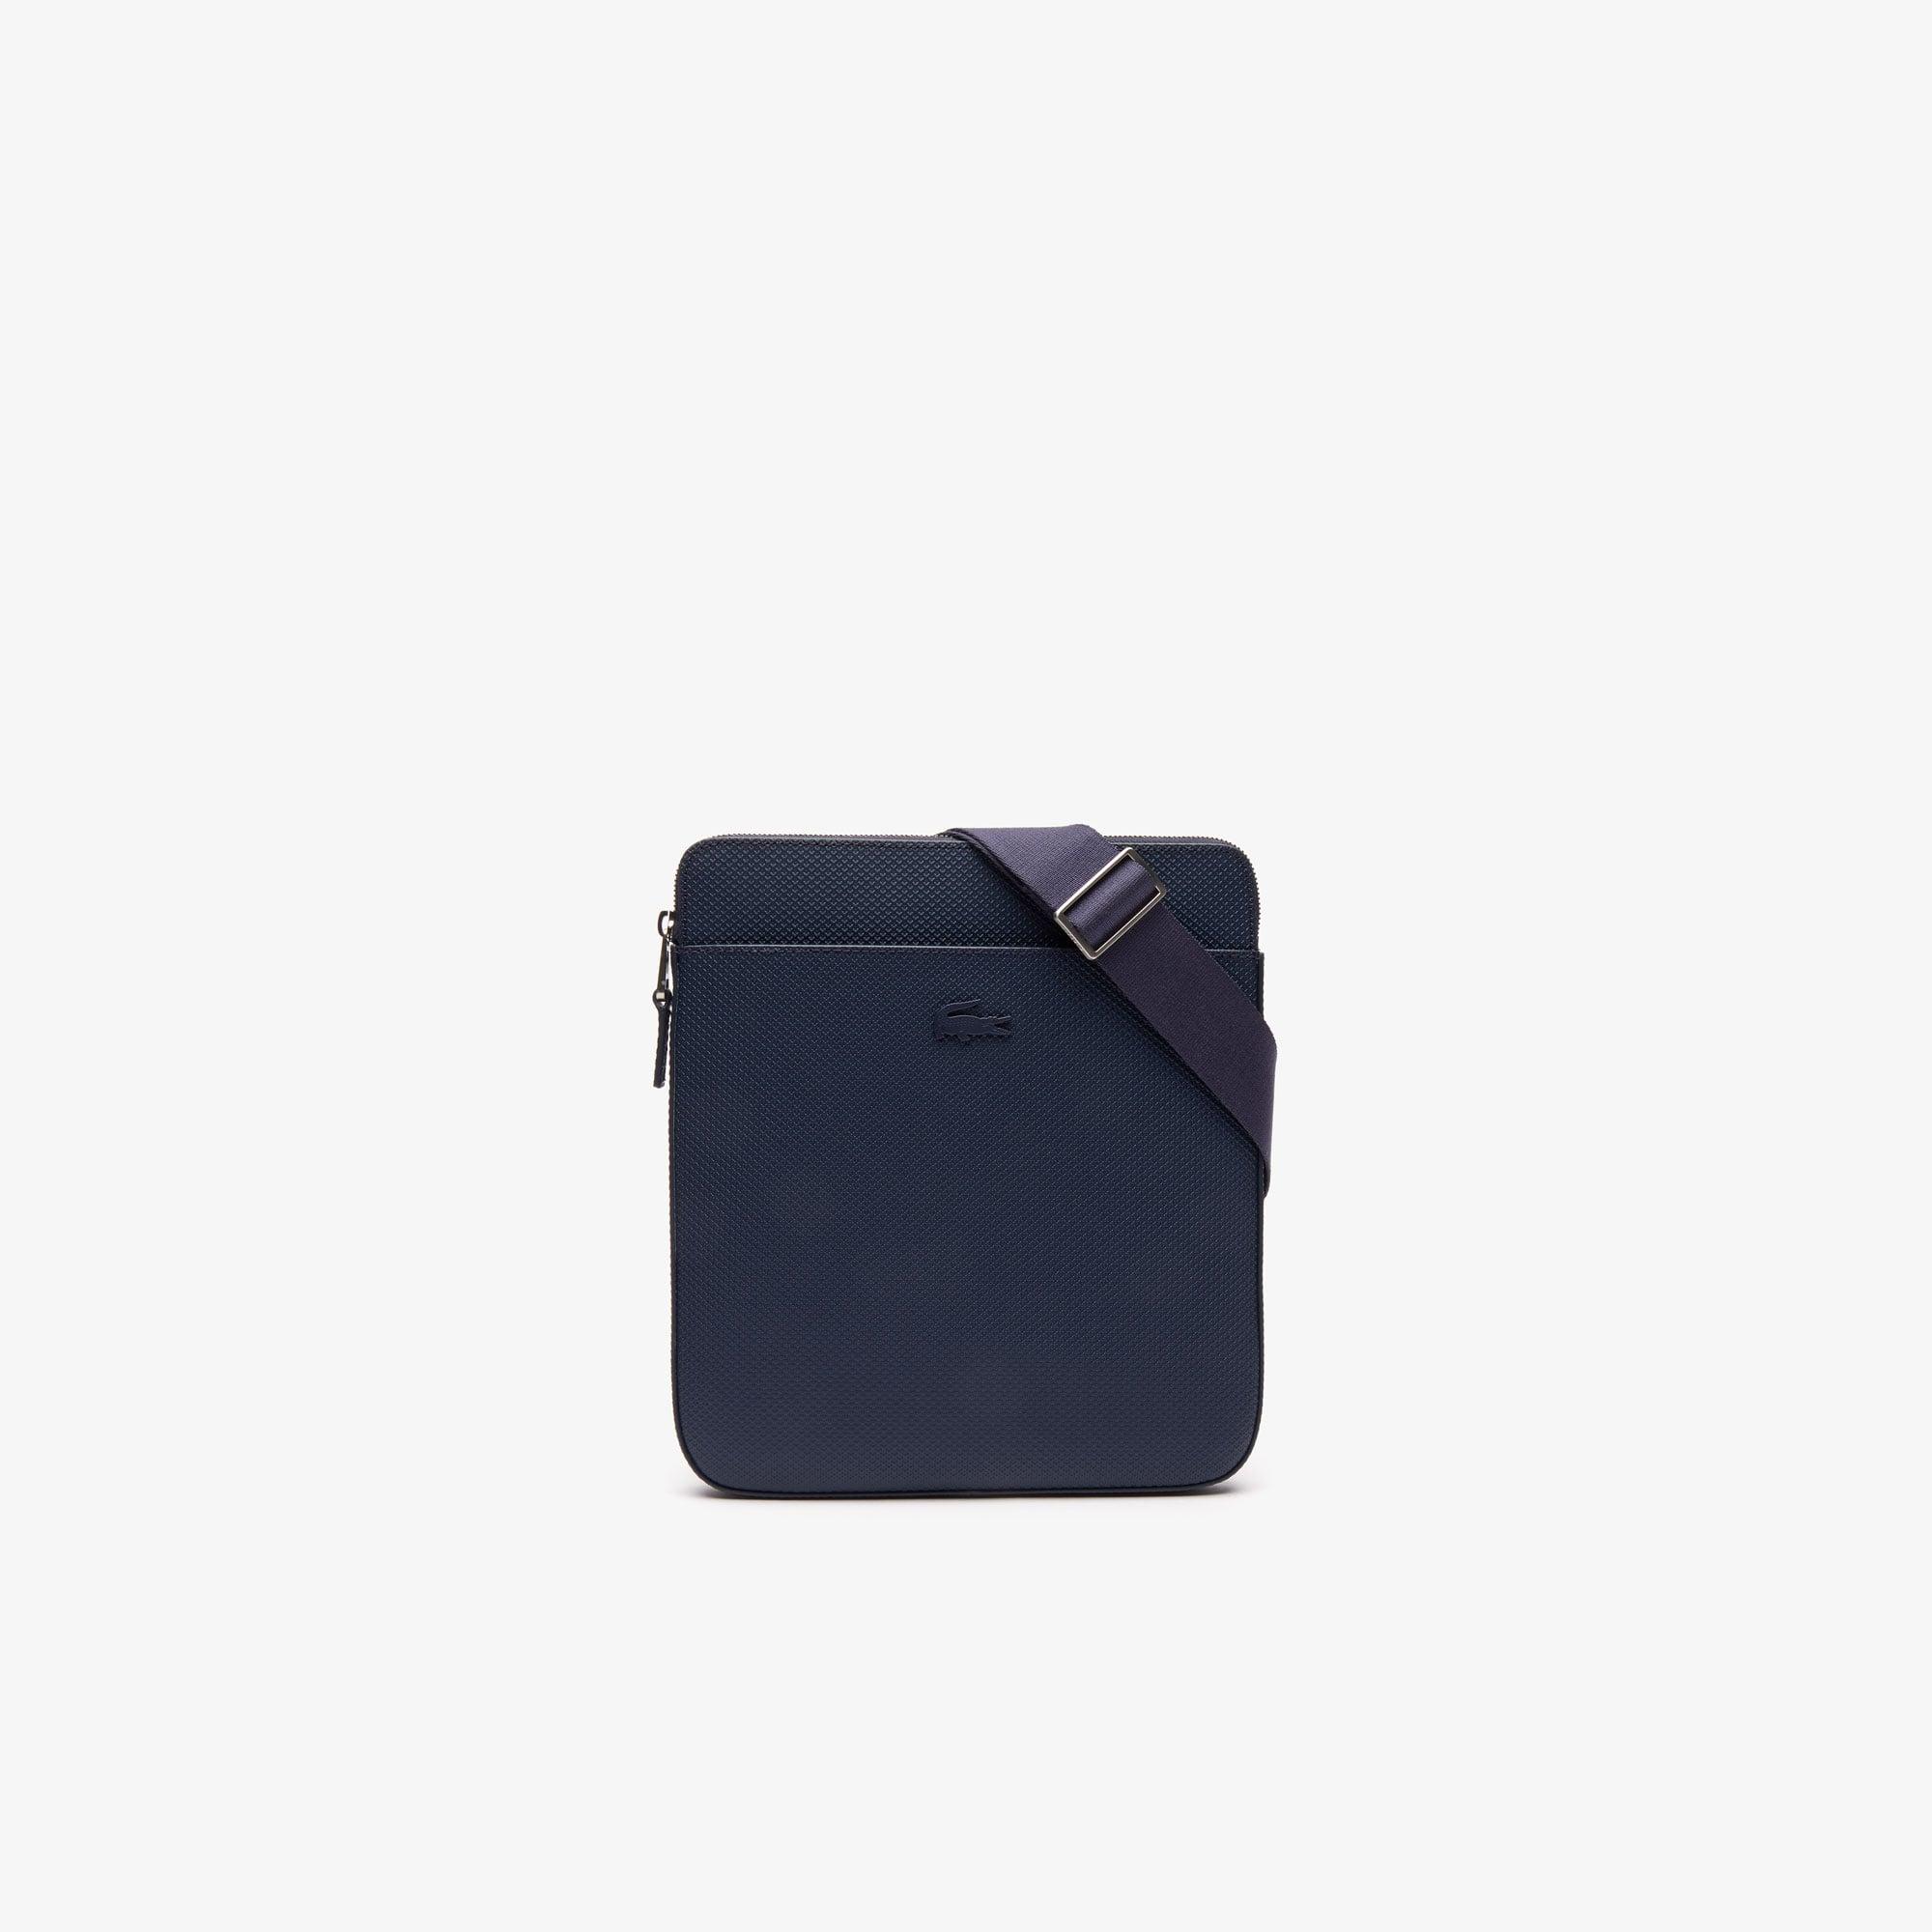 라코스테 샨타코 플랫 지퍼백 Lacoste Mens Chantaco Matte Leather Flat Zip Bag,PEACOAT